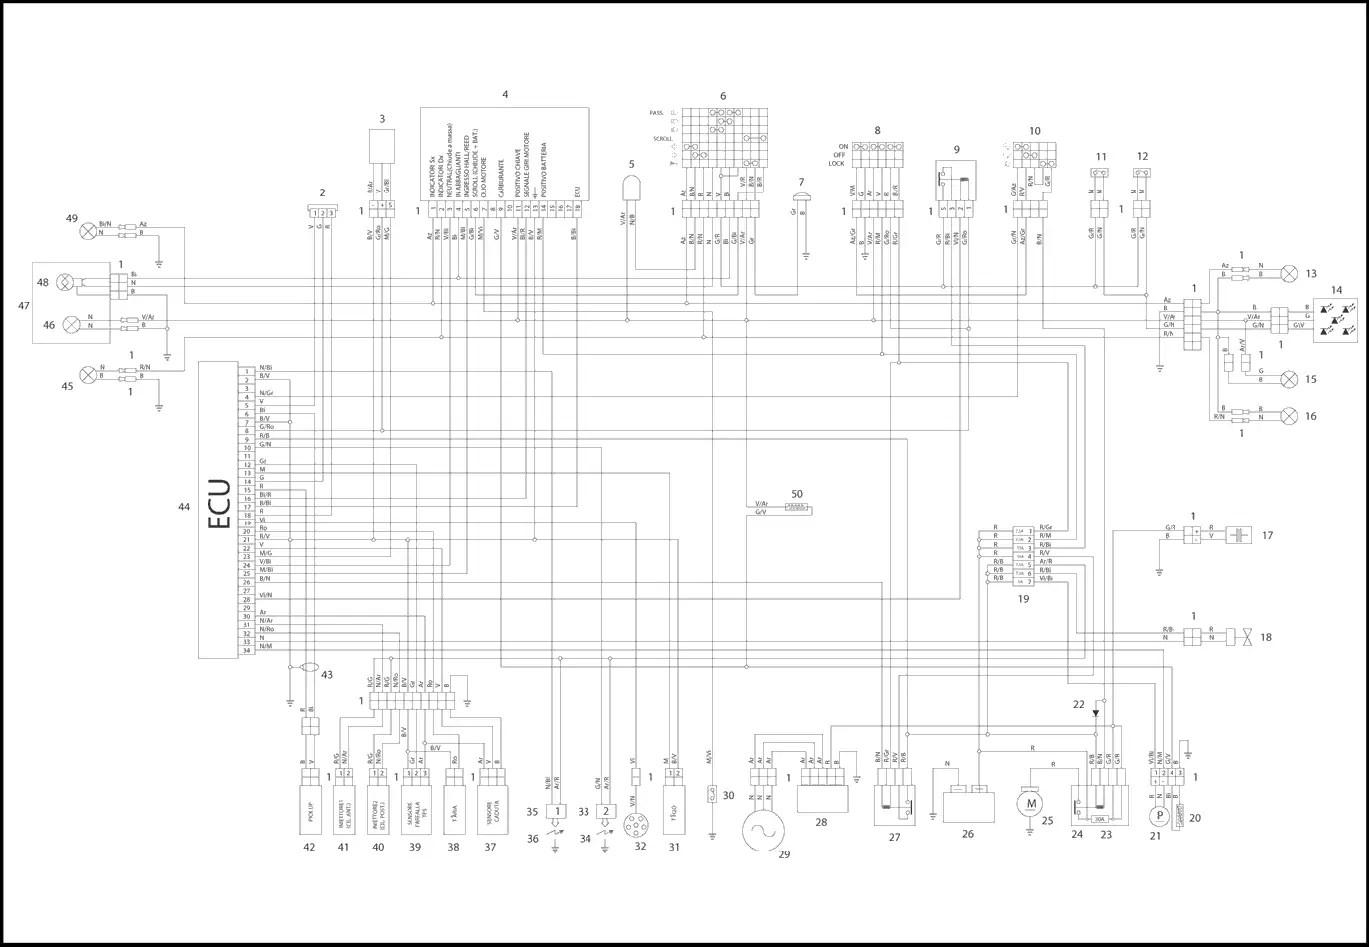 [29+] Elektrischer Schaltplan Aprilia Sx 50